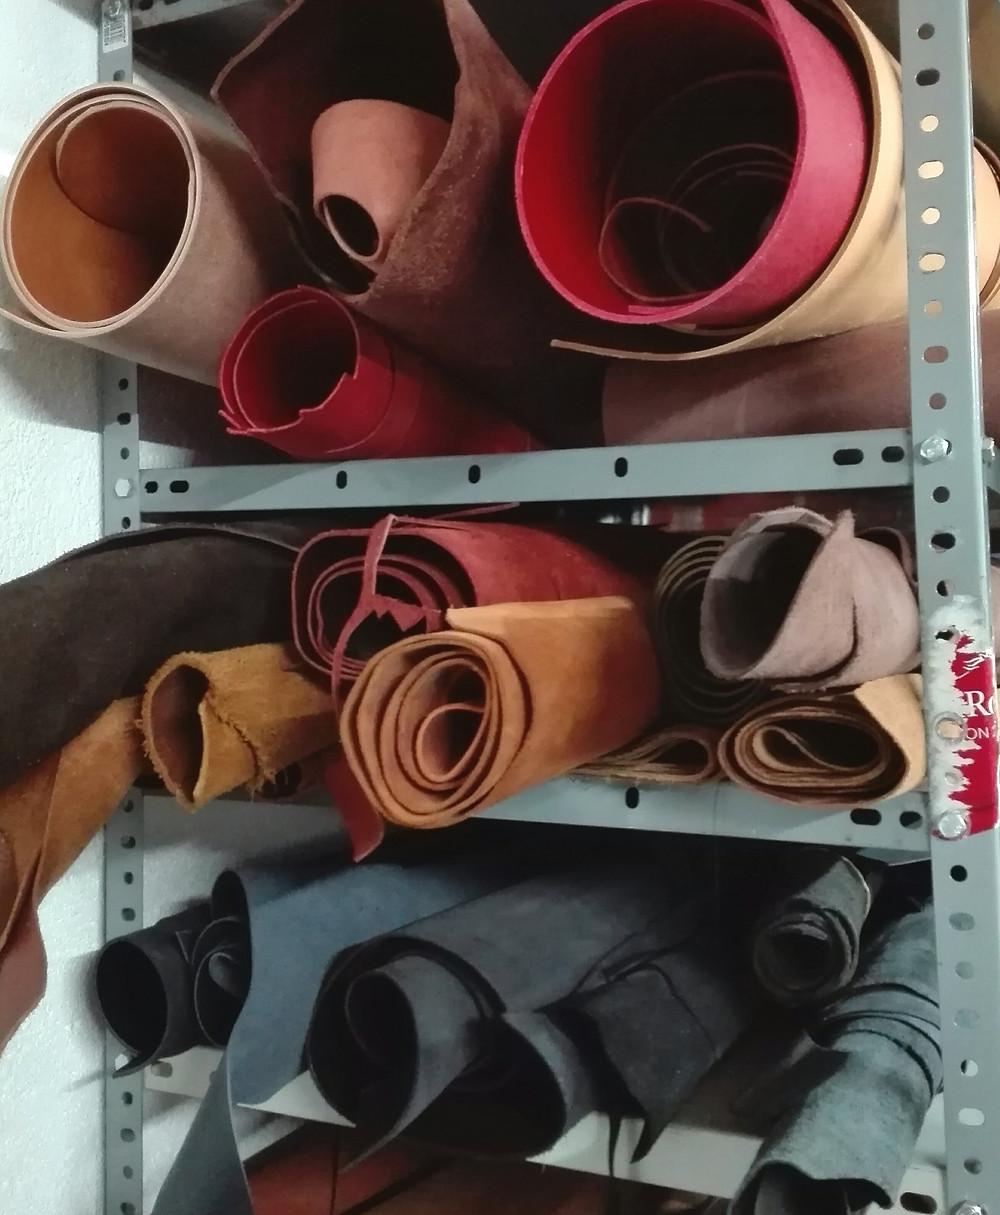 Pieles de diversos tipos almacenados en nuestro taller SG1964, en Segovia. Usadas para fabricar bolsos hechos a mano por nosotros. Trabajo artesanal.